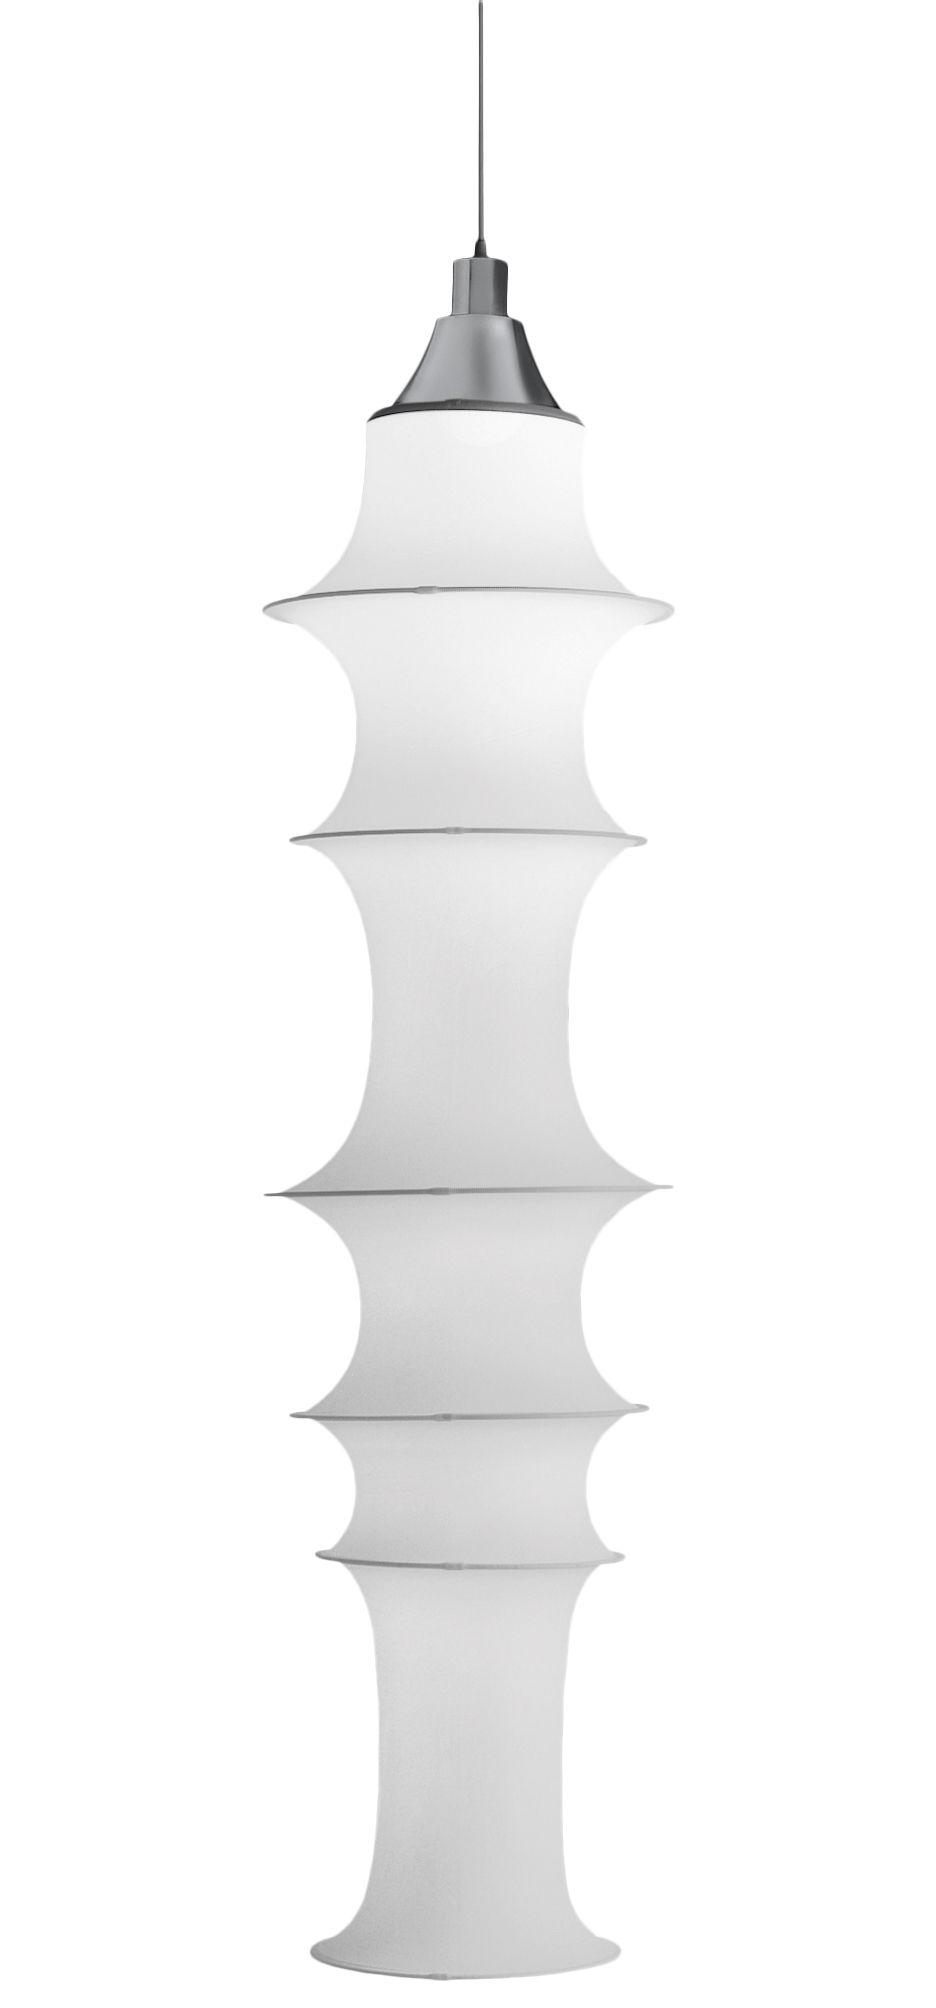 Luminaire - Suspensions - Suspension Falkland H 165 cm - Danese Light - Blanc - Version ignifuge (conseillée pour collectivités) - Acier, Tissu élastique